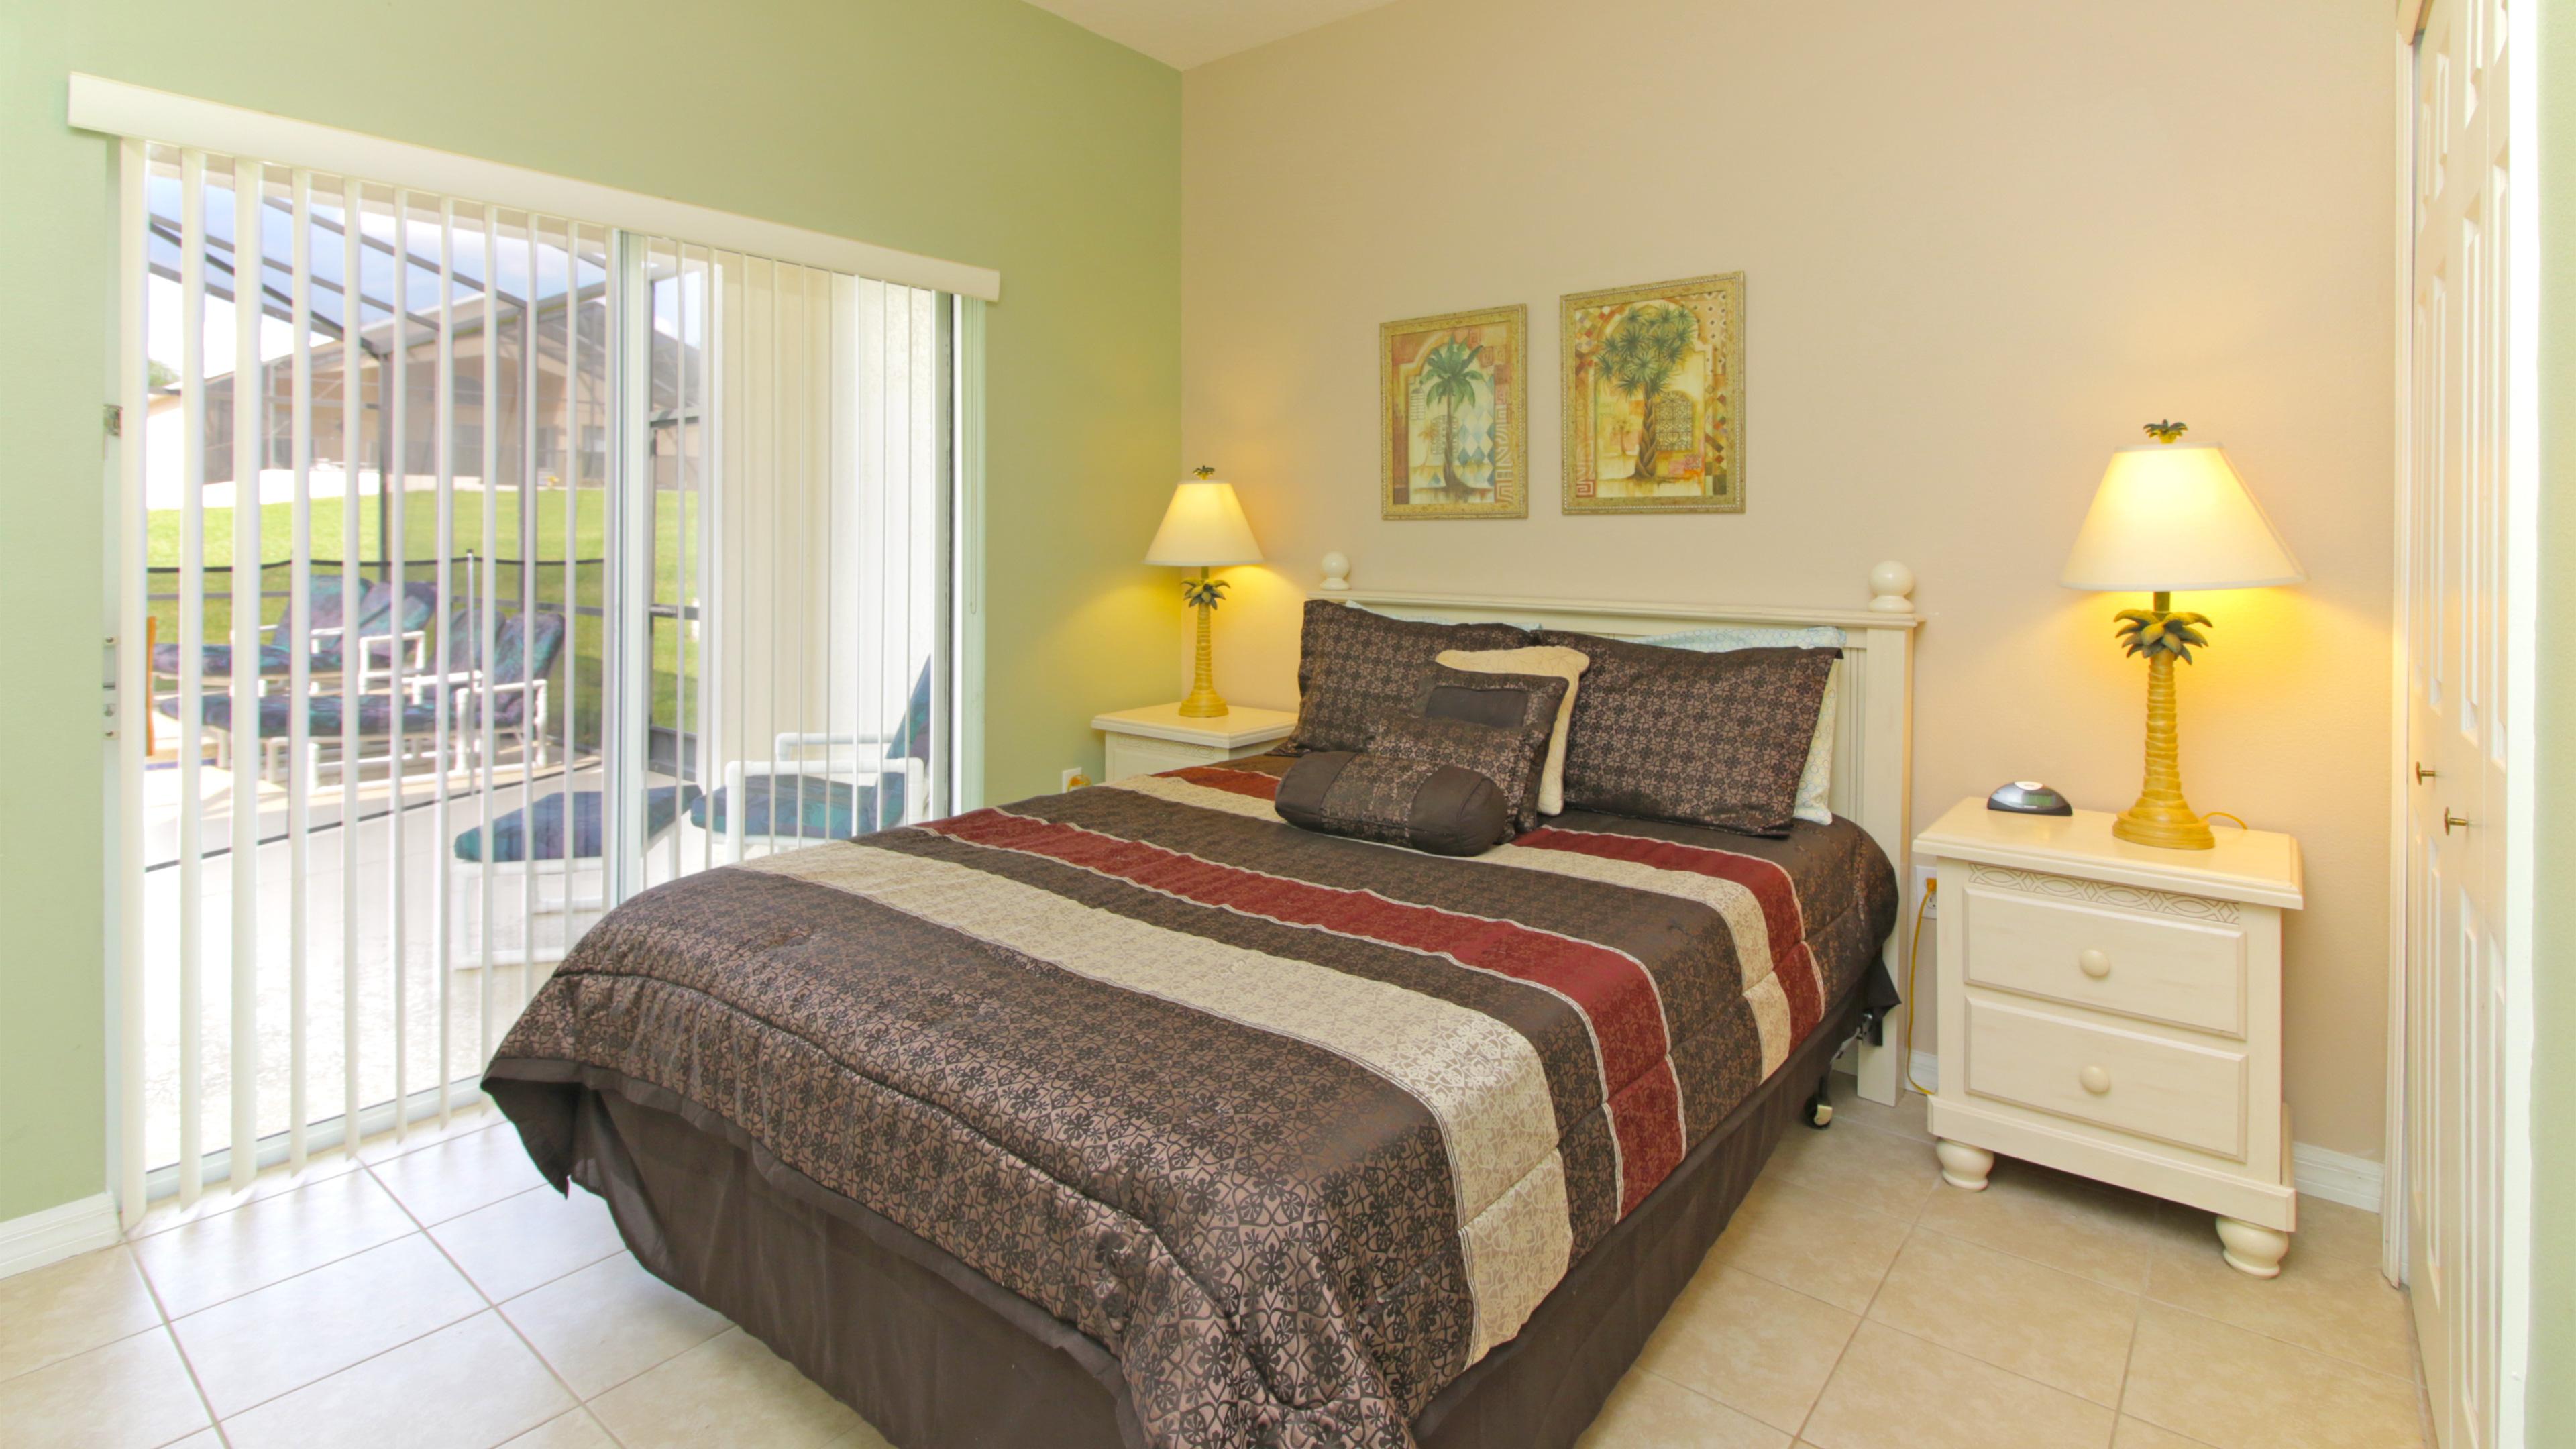 537KensingtonDr_Bedroom4_b